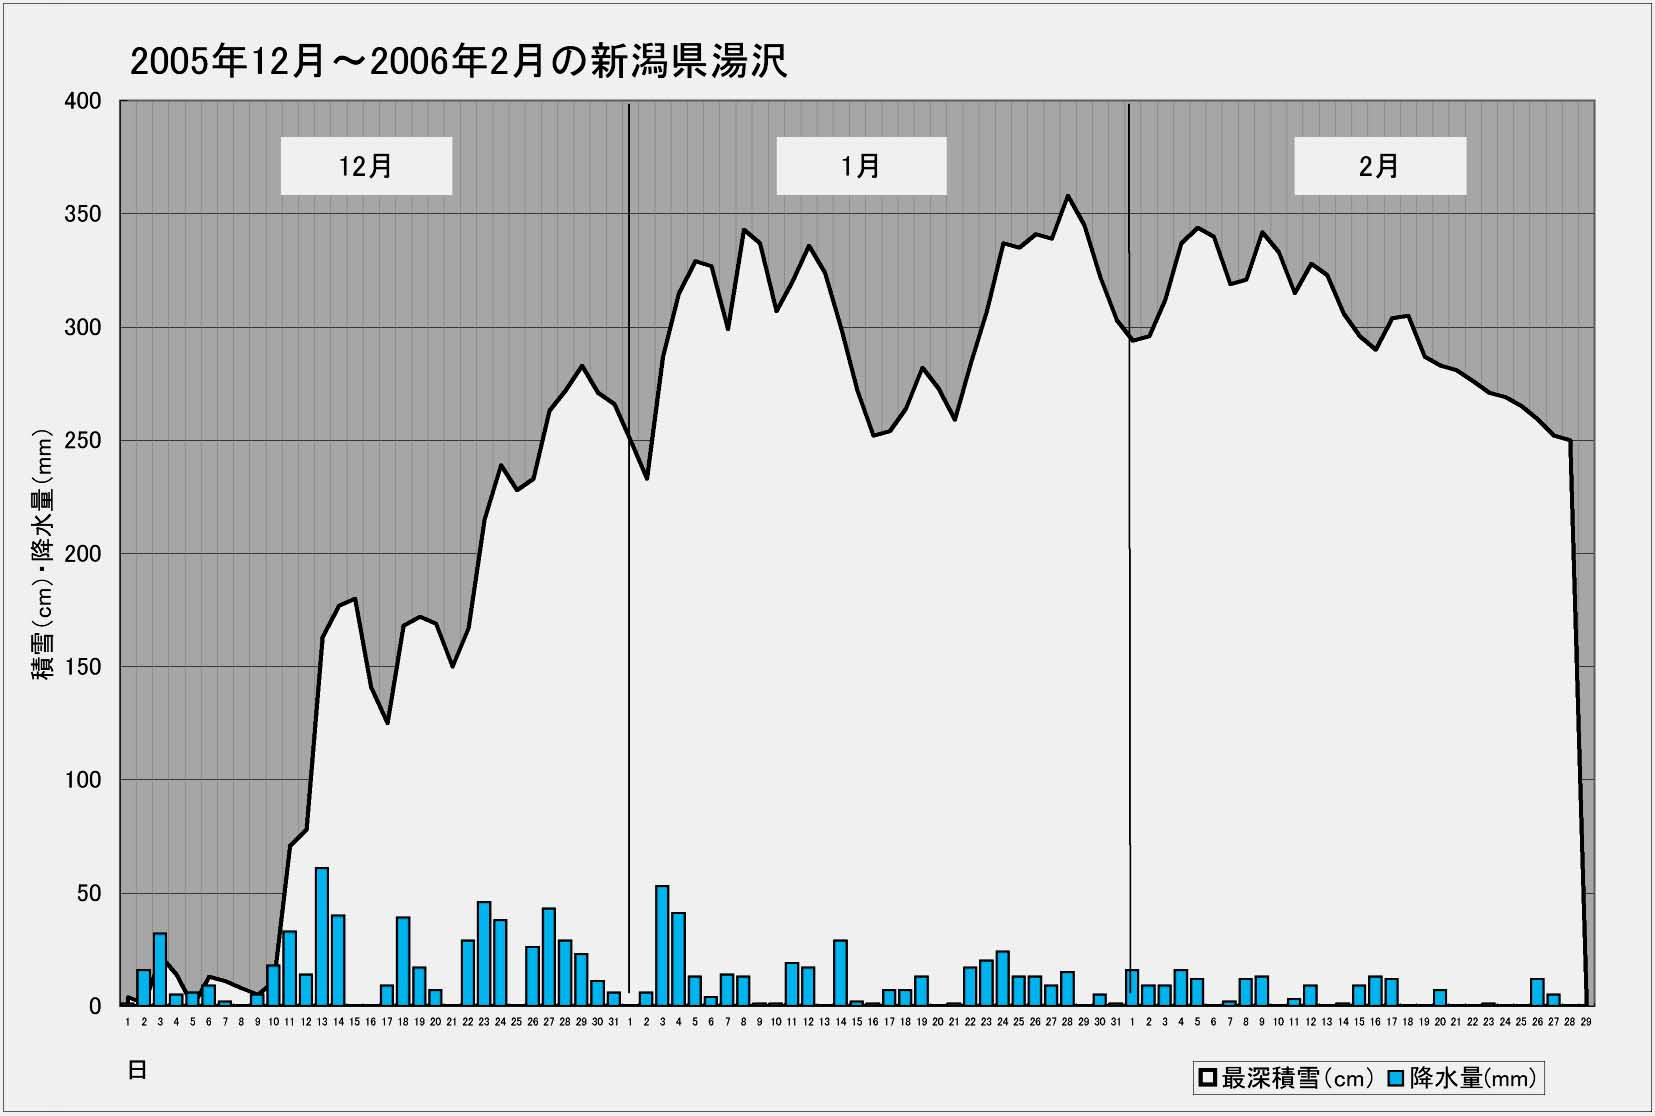 ブログ用 2005年~2006年の湯沢積雪等